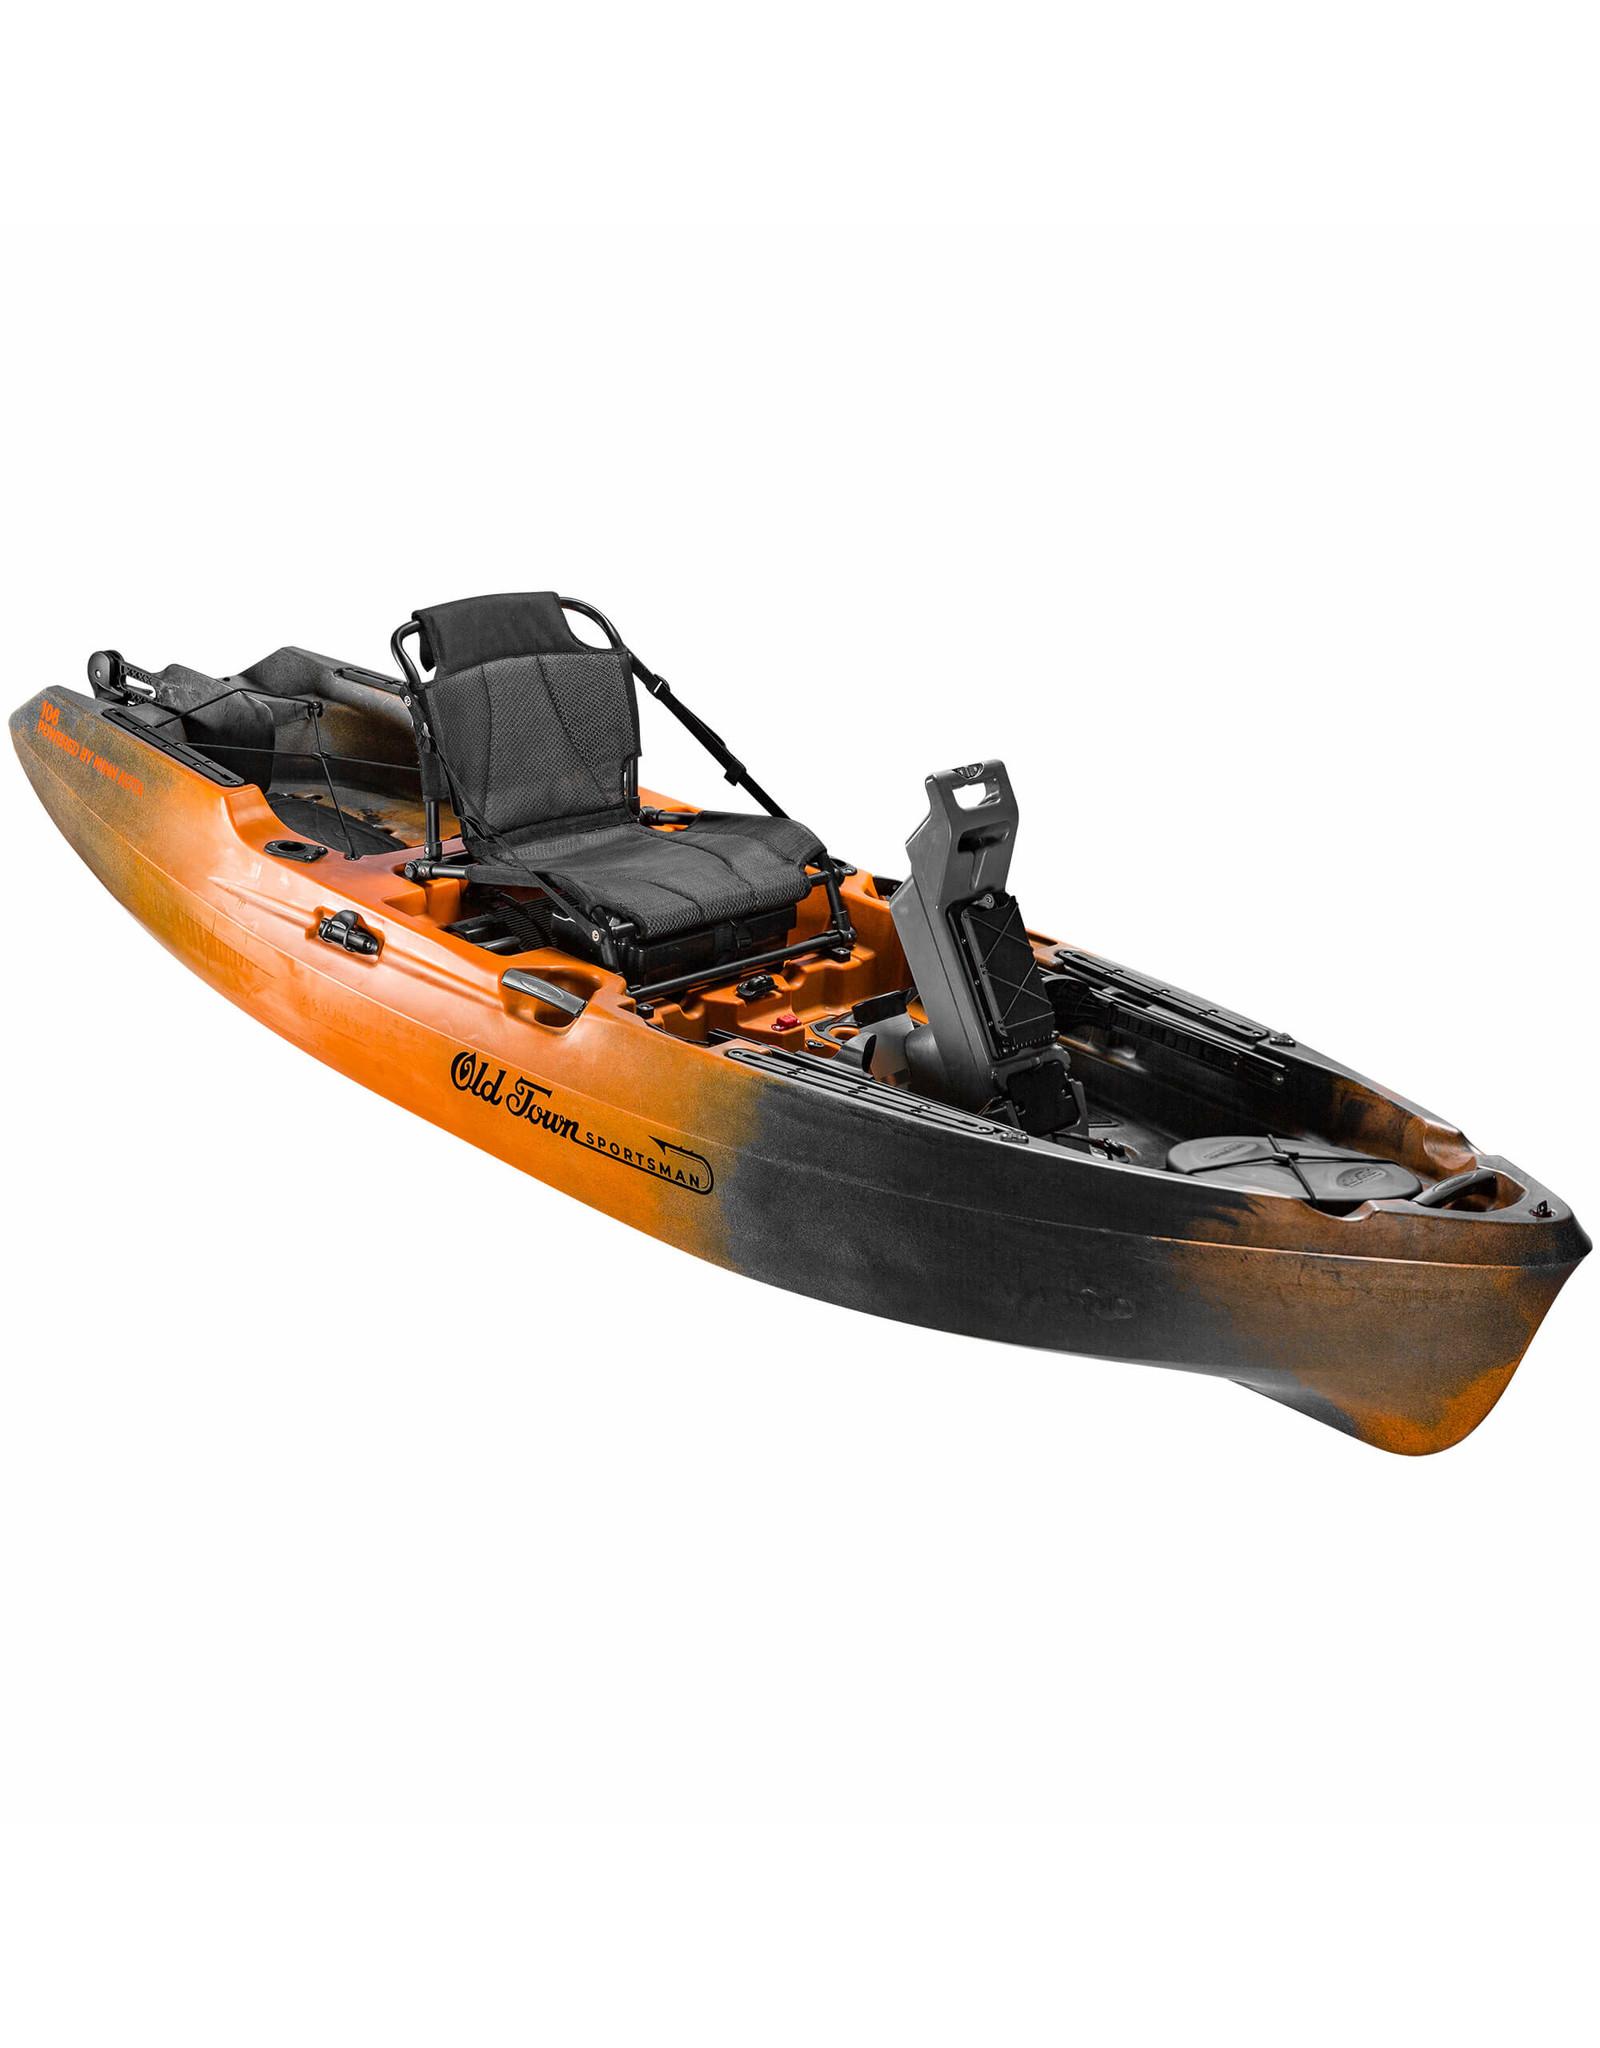 Old Town Old Town Sportsman 106 MK kayak